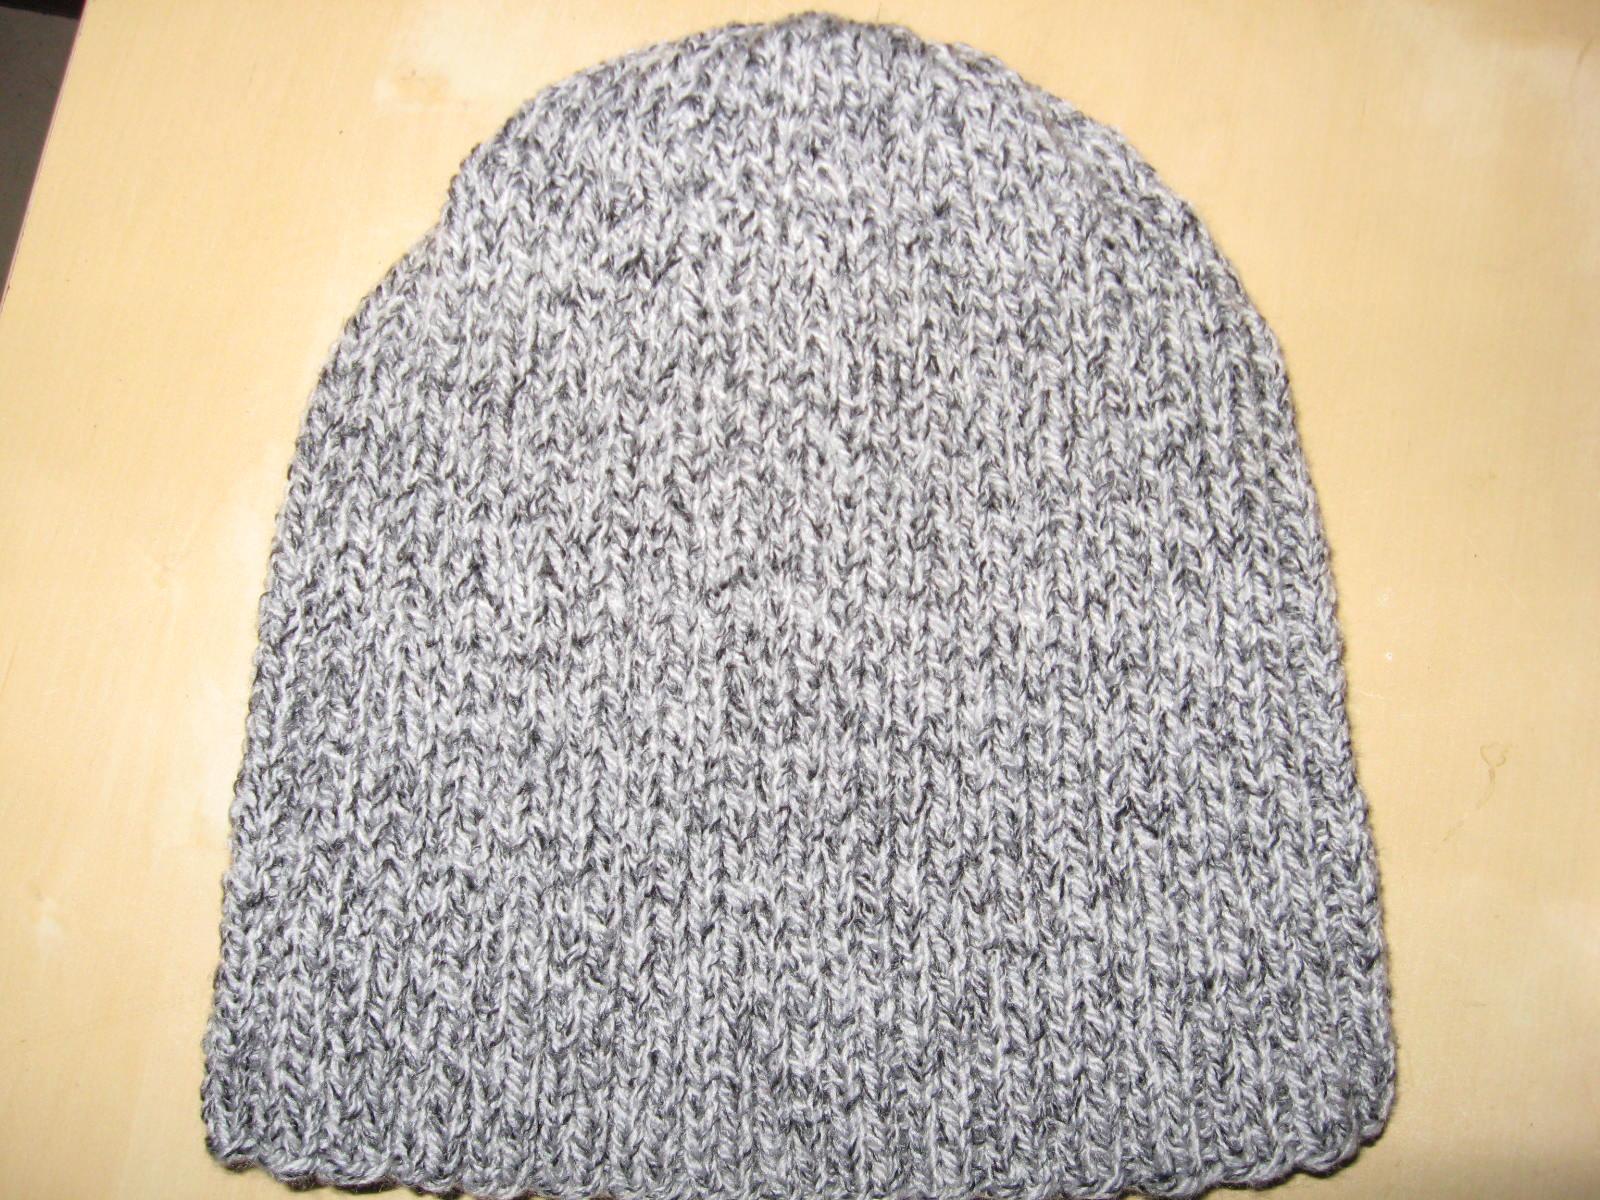 Tricoter un bonnet avec revers - Idées de tricot gratuit 606668779e0